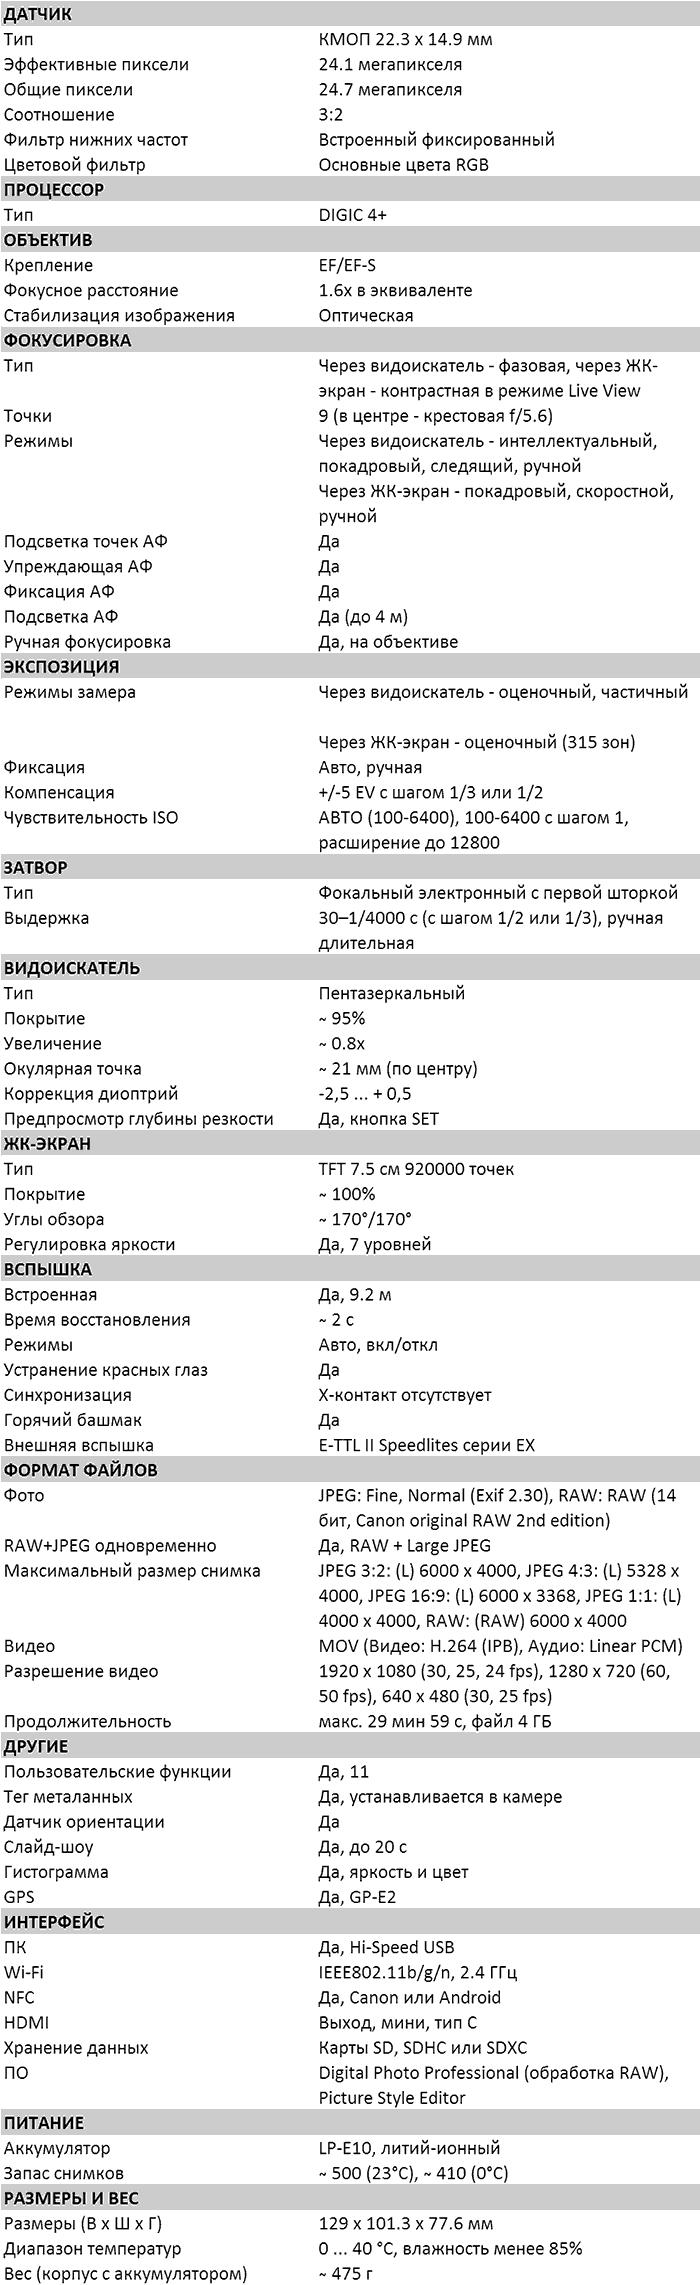 Характеристики EOS 2000D